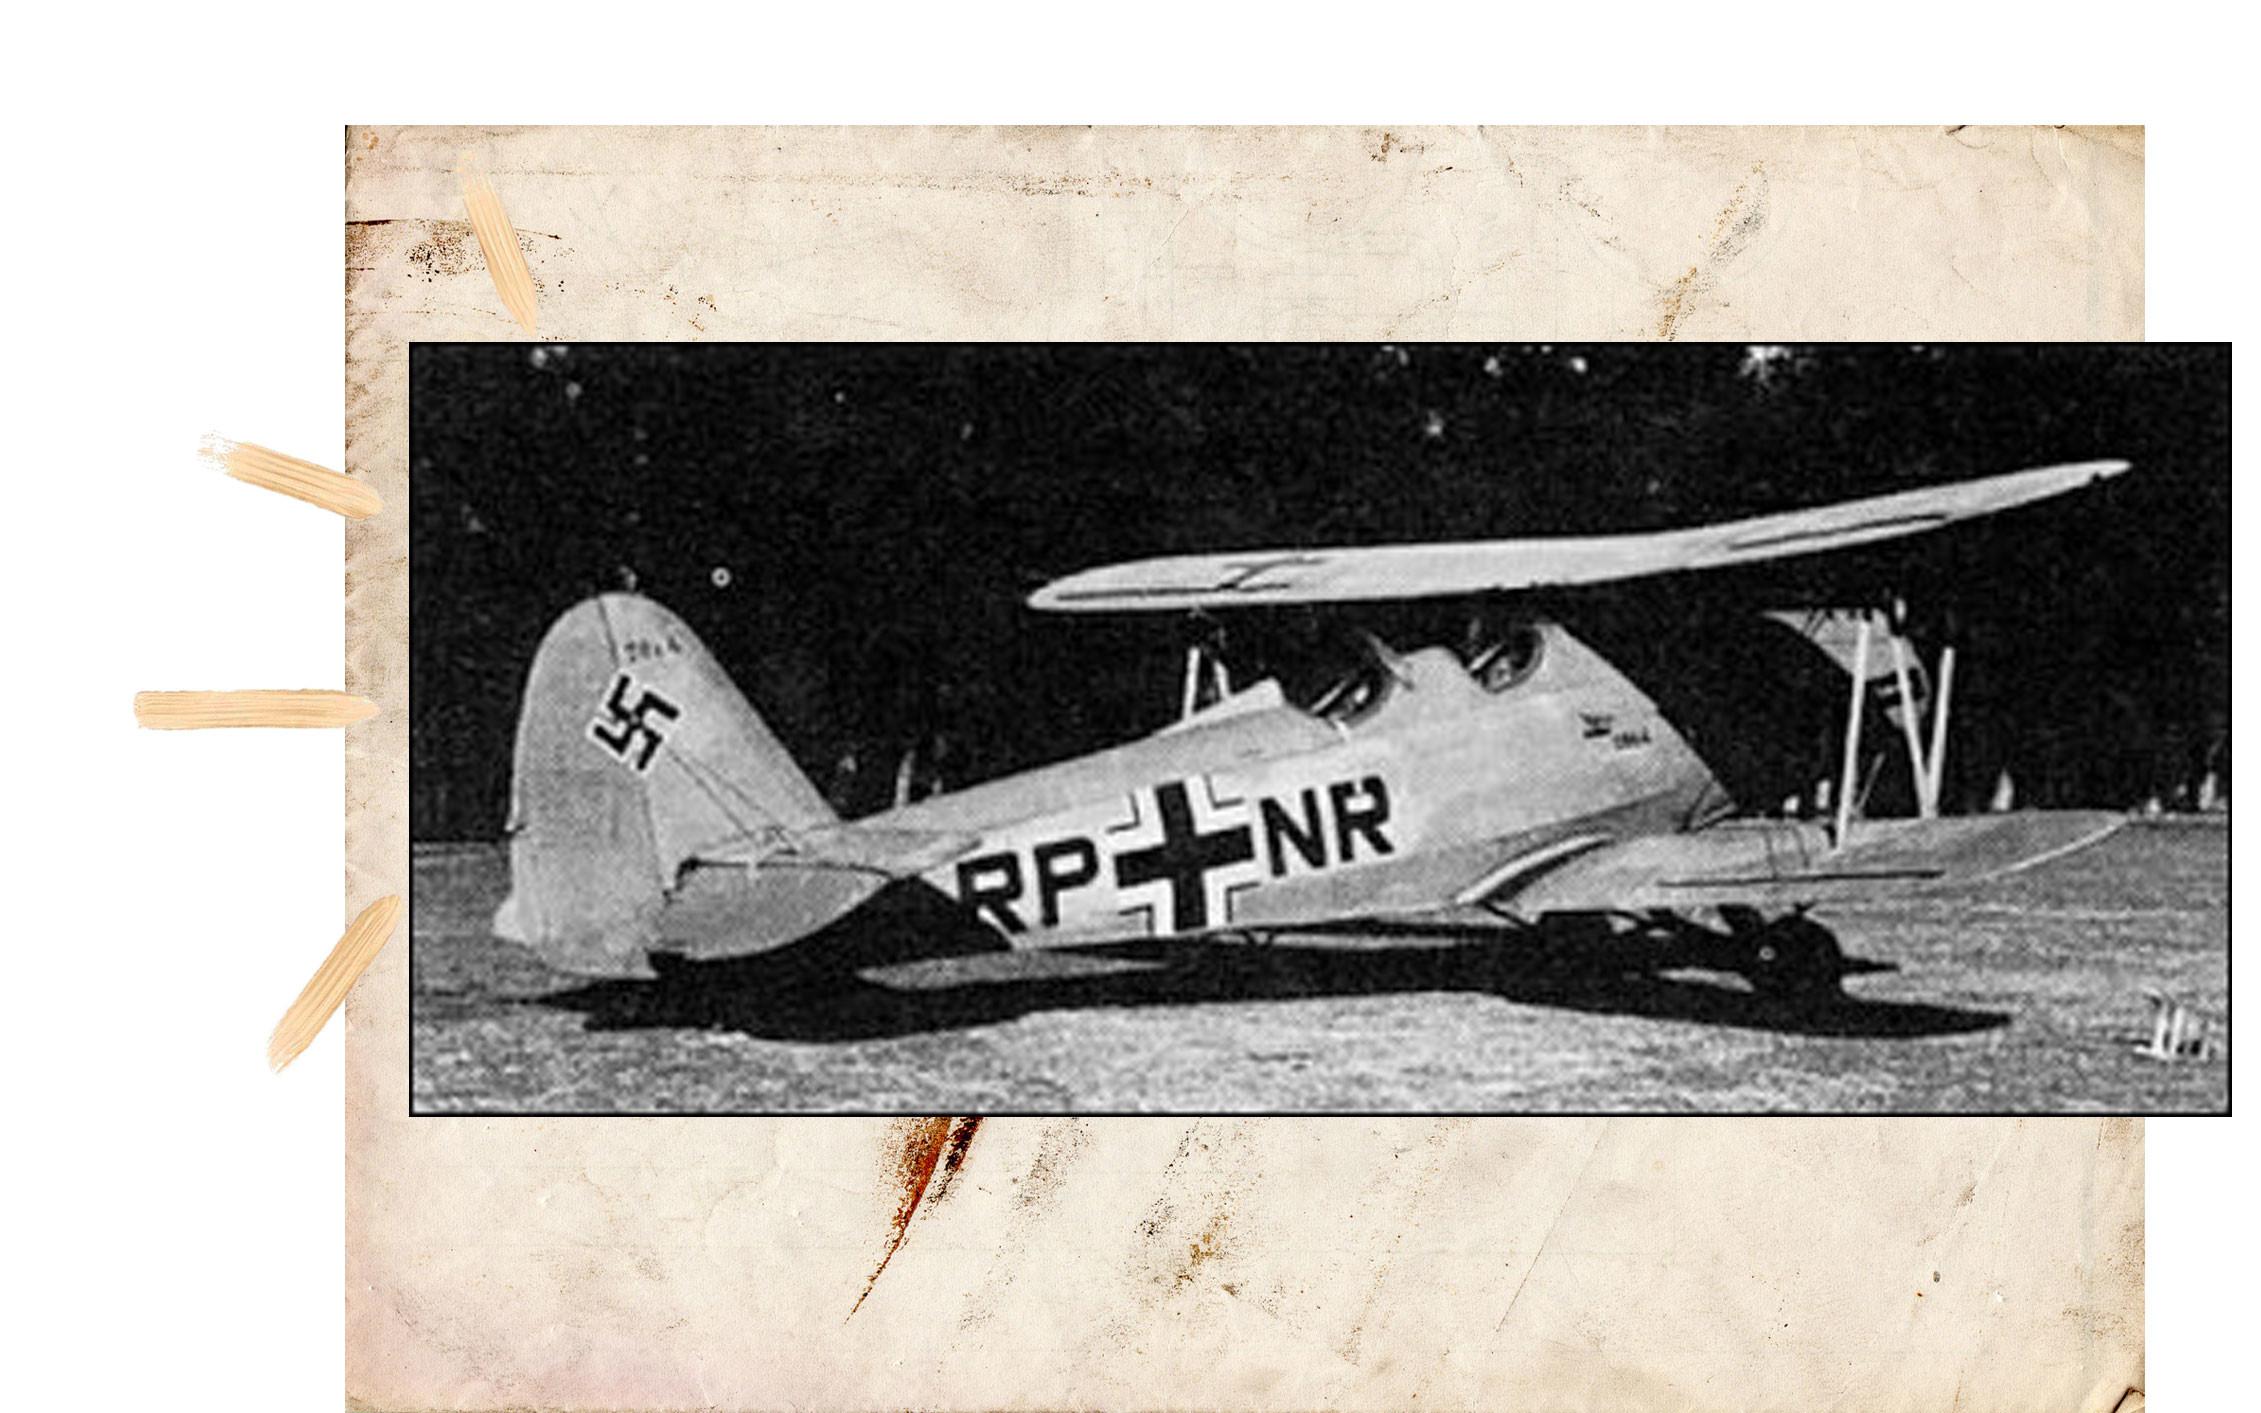 С 1942 года немцы попробовали скопировать тактику У-2, но крыло их бипланов Go-145 было в 1,5 раза меньше, отчего они не могли работать ночью так же уверено, да и бомб брали не больше 100 килограммов. Фото: © Wikipedia.org